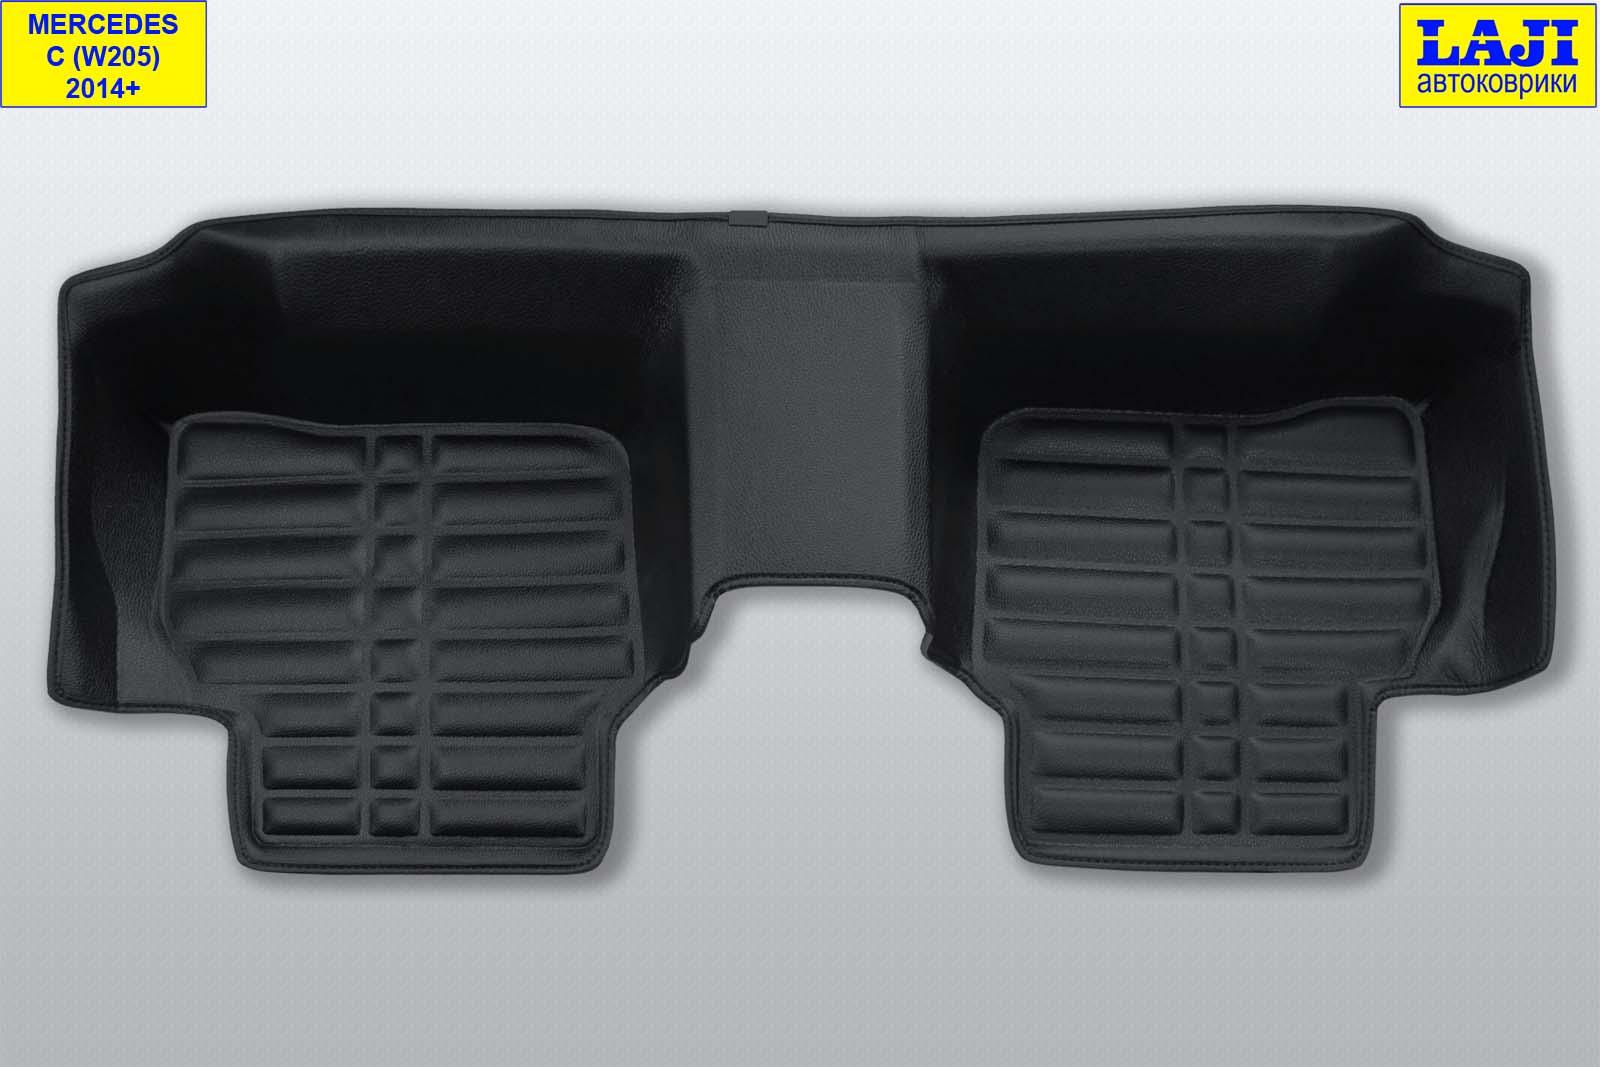 5D коврики в салон Mercedes С W205 2014-н.в. 9